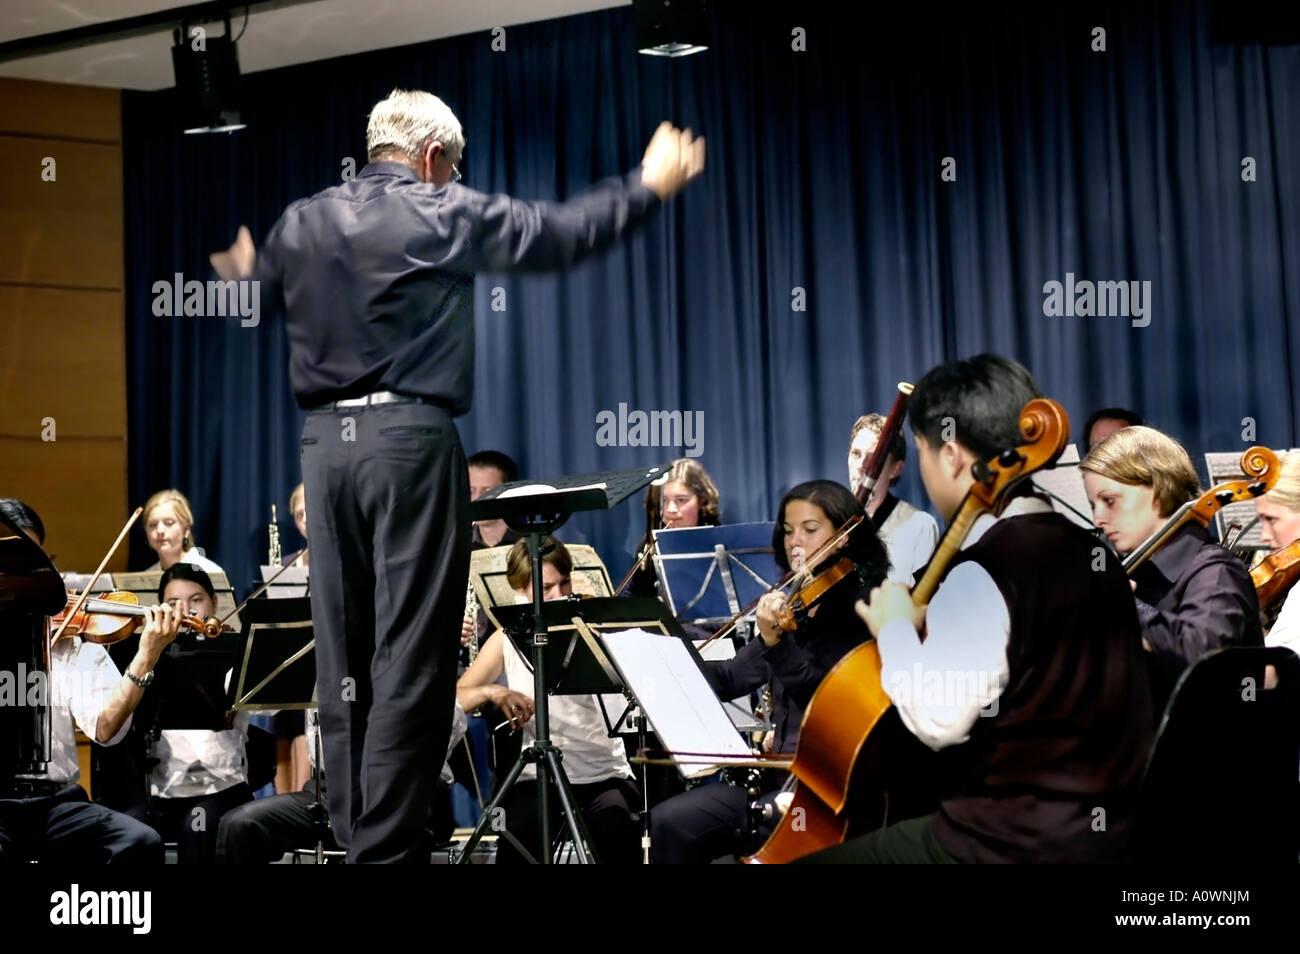 World Music Day, PARIS France, 'Fête de la Musique' Classical Music at German Cultural Center Goethe - Stock Image